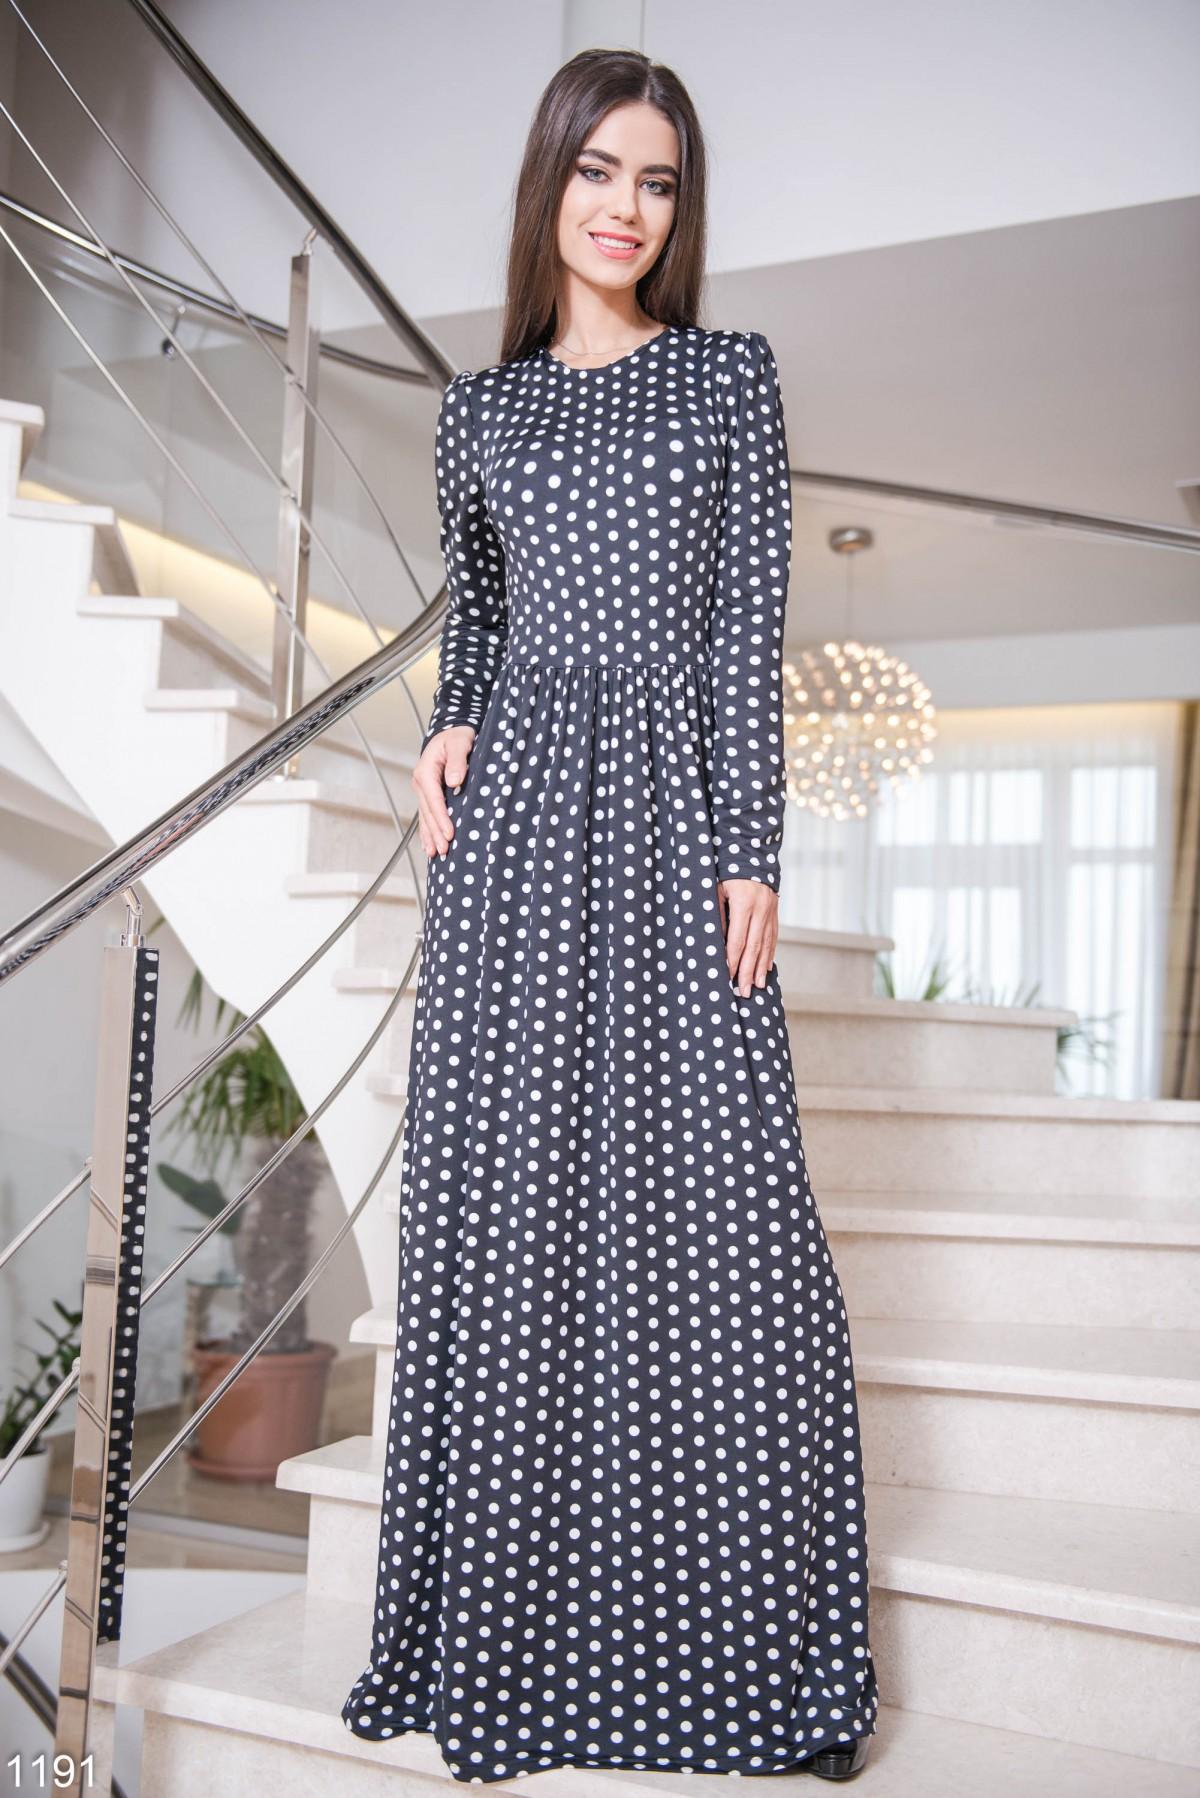 bc5efe192f0 Черное в белый горошек платье в пол  322 грн. фото 2 ...